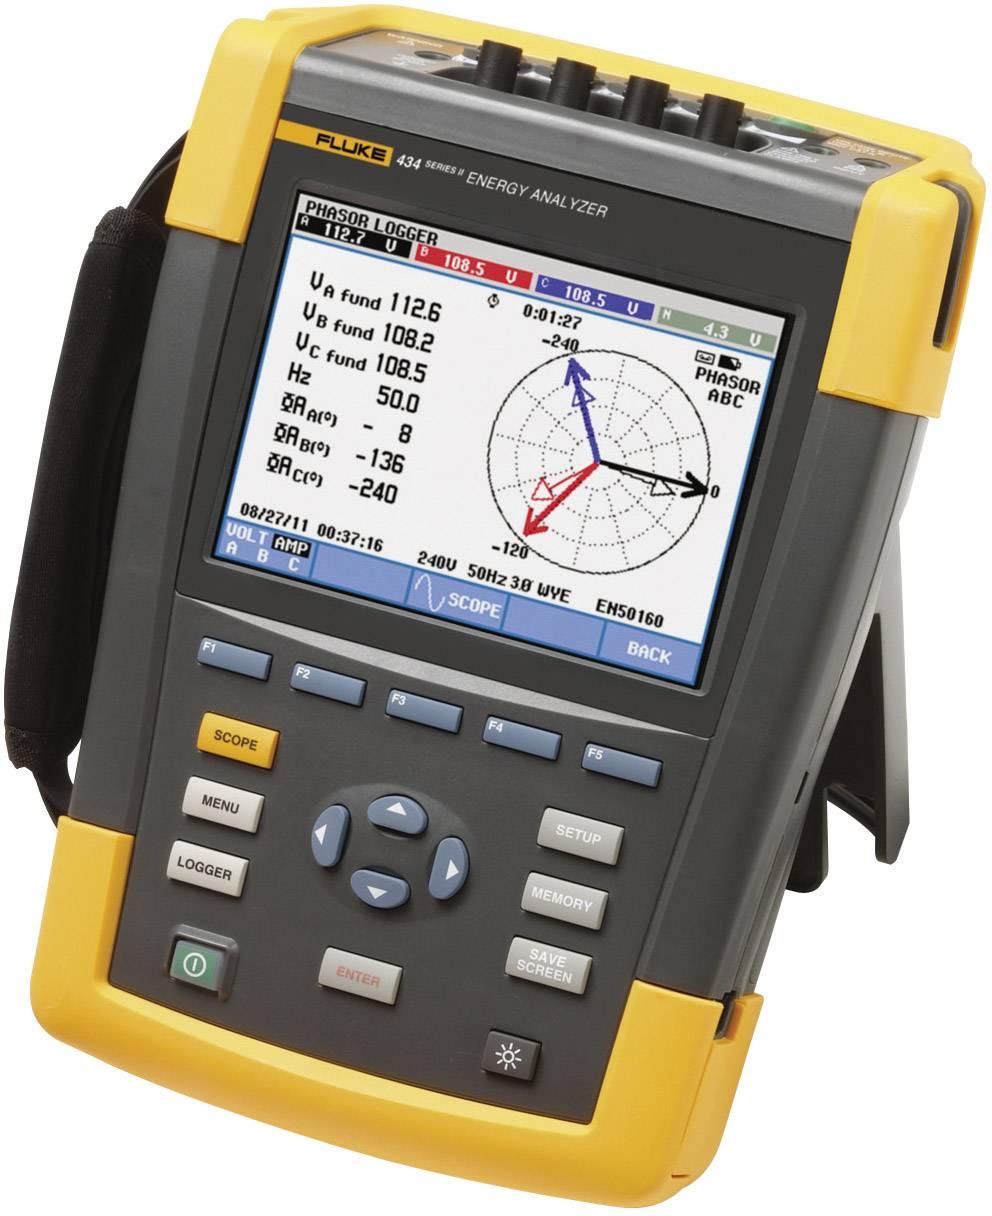 Sieťový analyzátor Fluke 434-II/Basic, 4116650